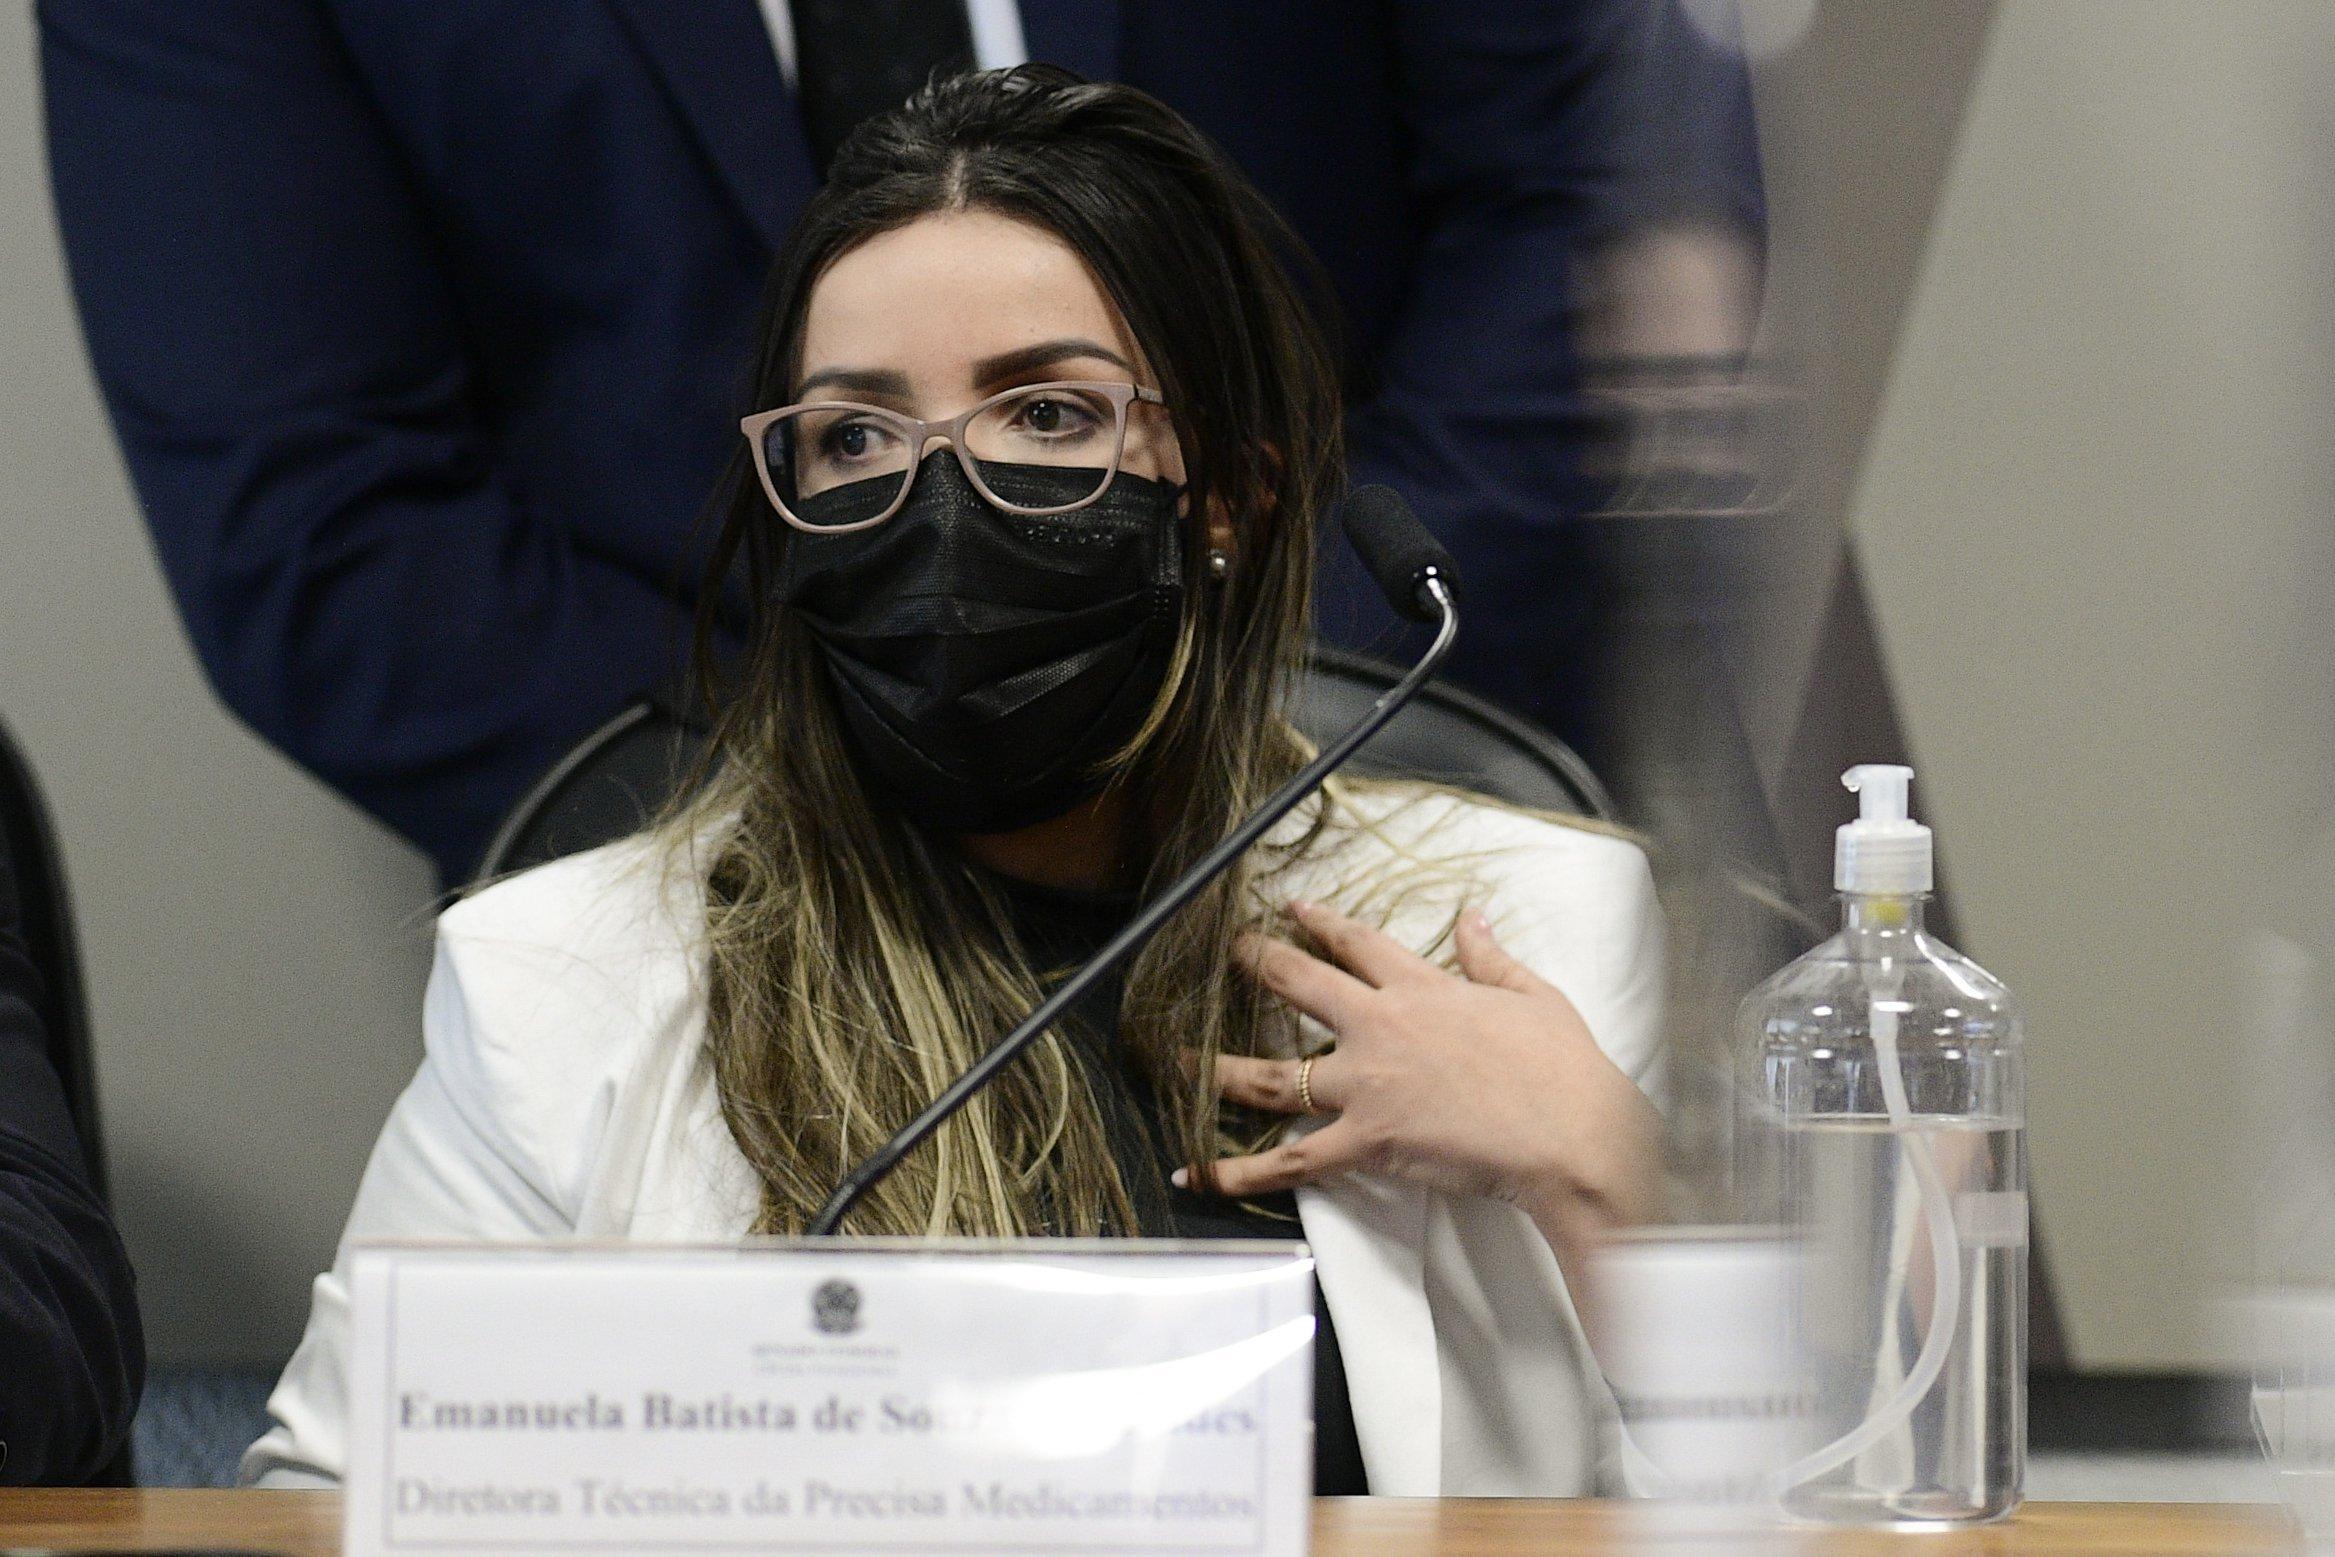 Diretora técnica da Precisa Medicamentos, Emanuela Medrades. na CPI da Covid